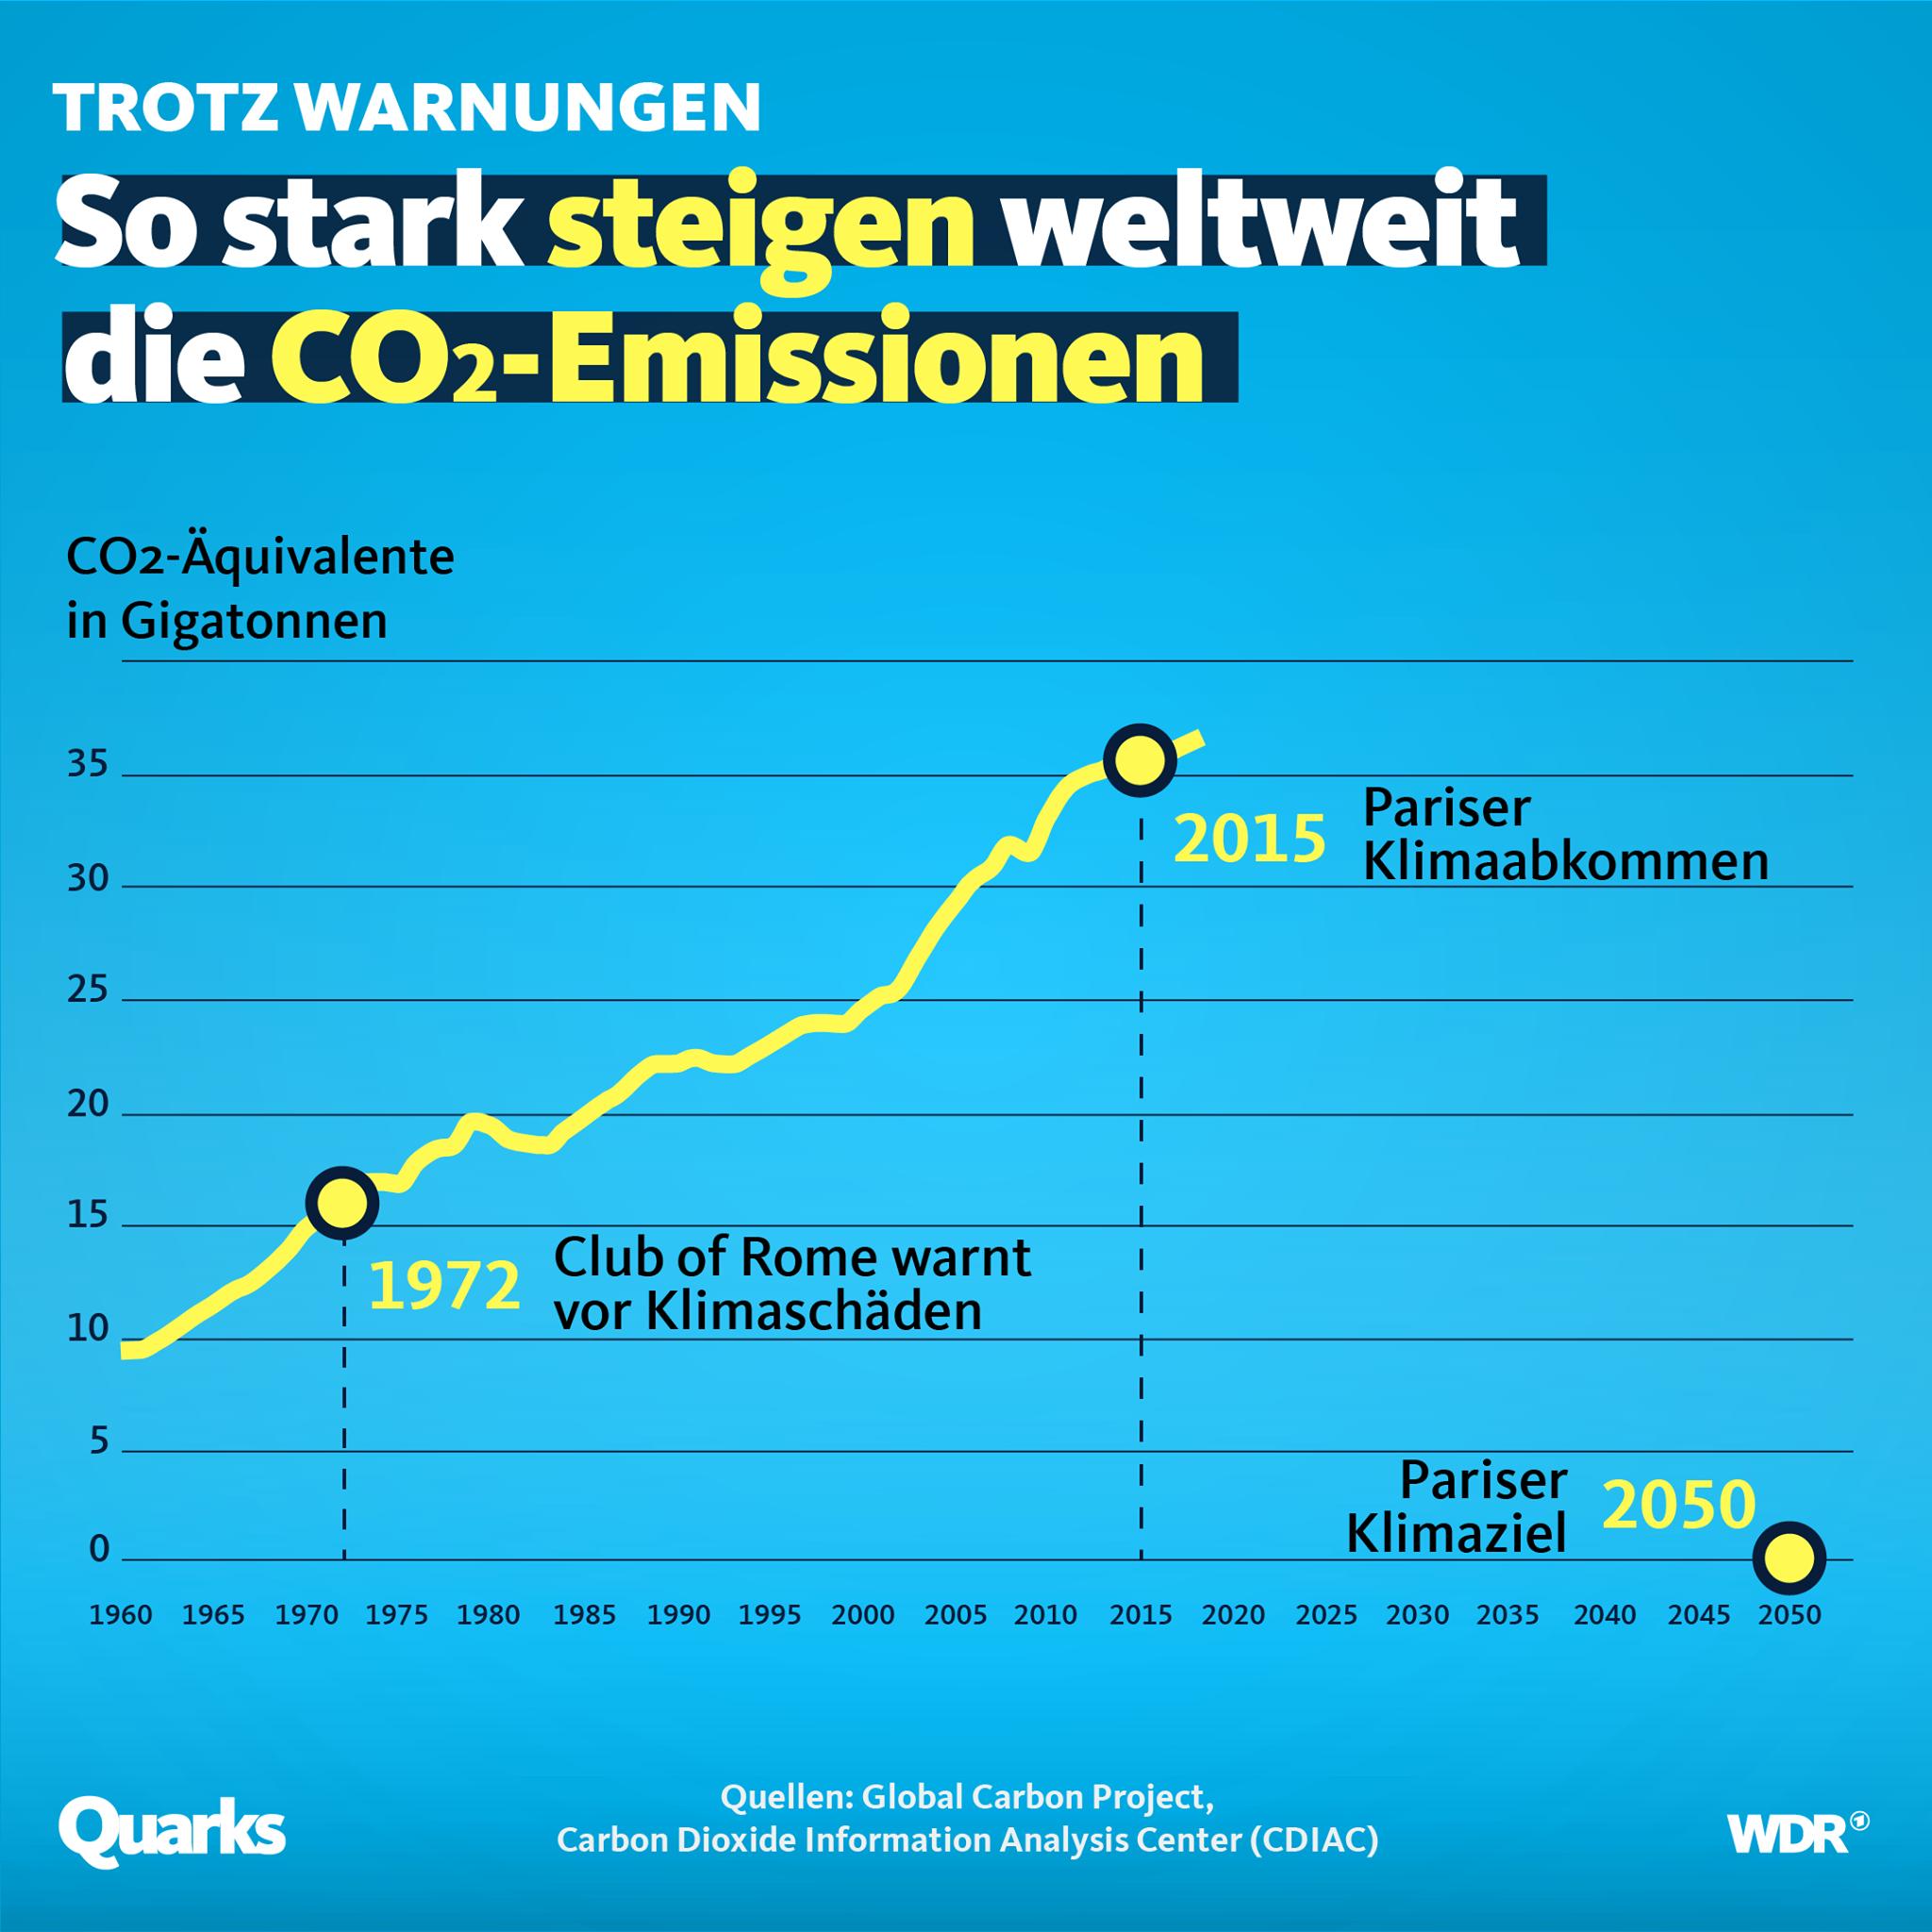 CO2-Emissionen weltweit